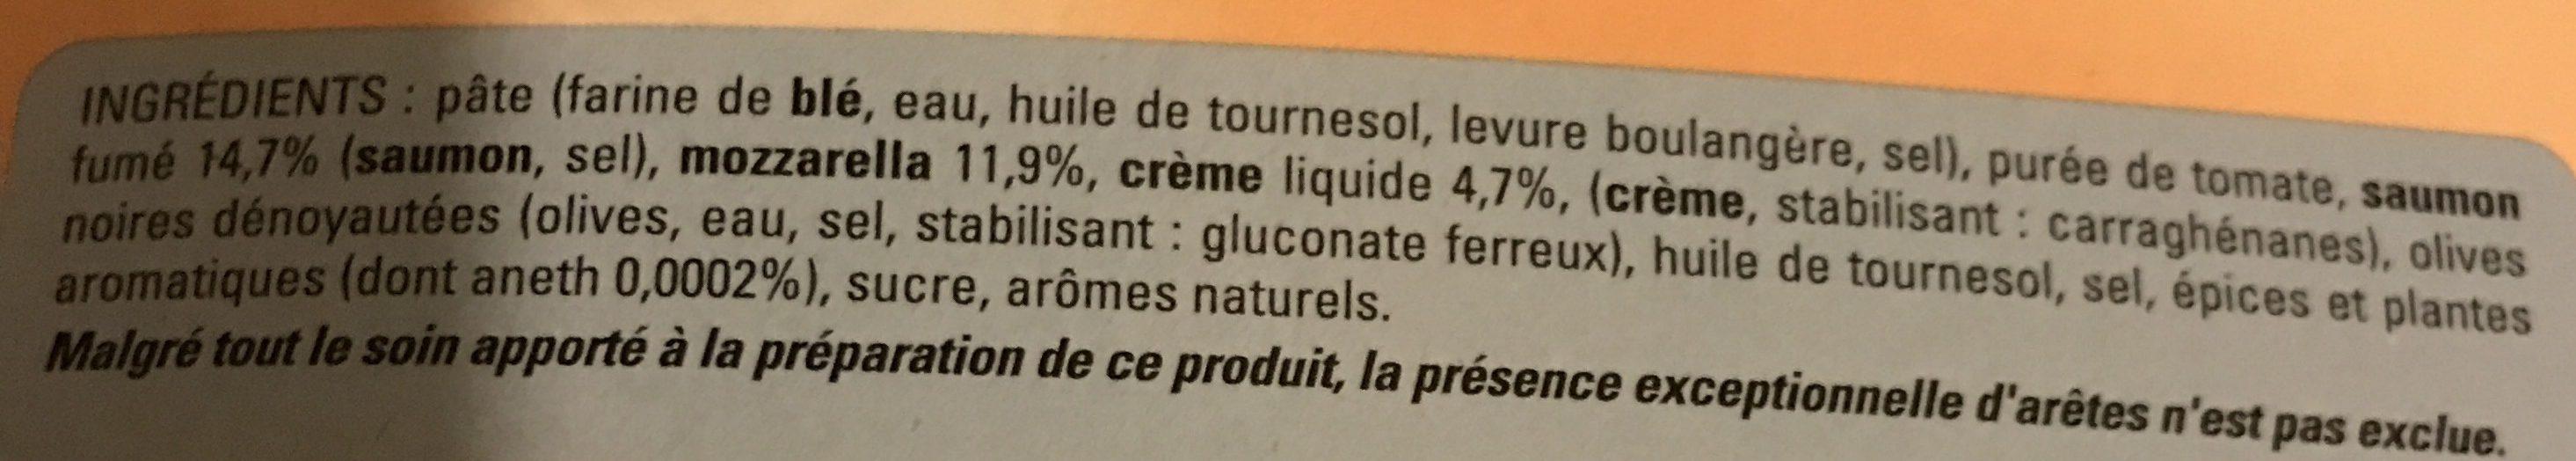 Pizza saumon - Ingrédients - fr